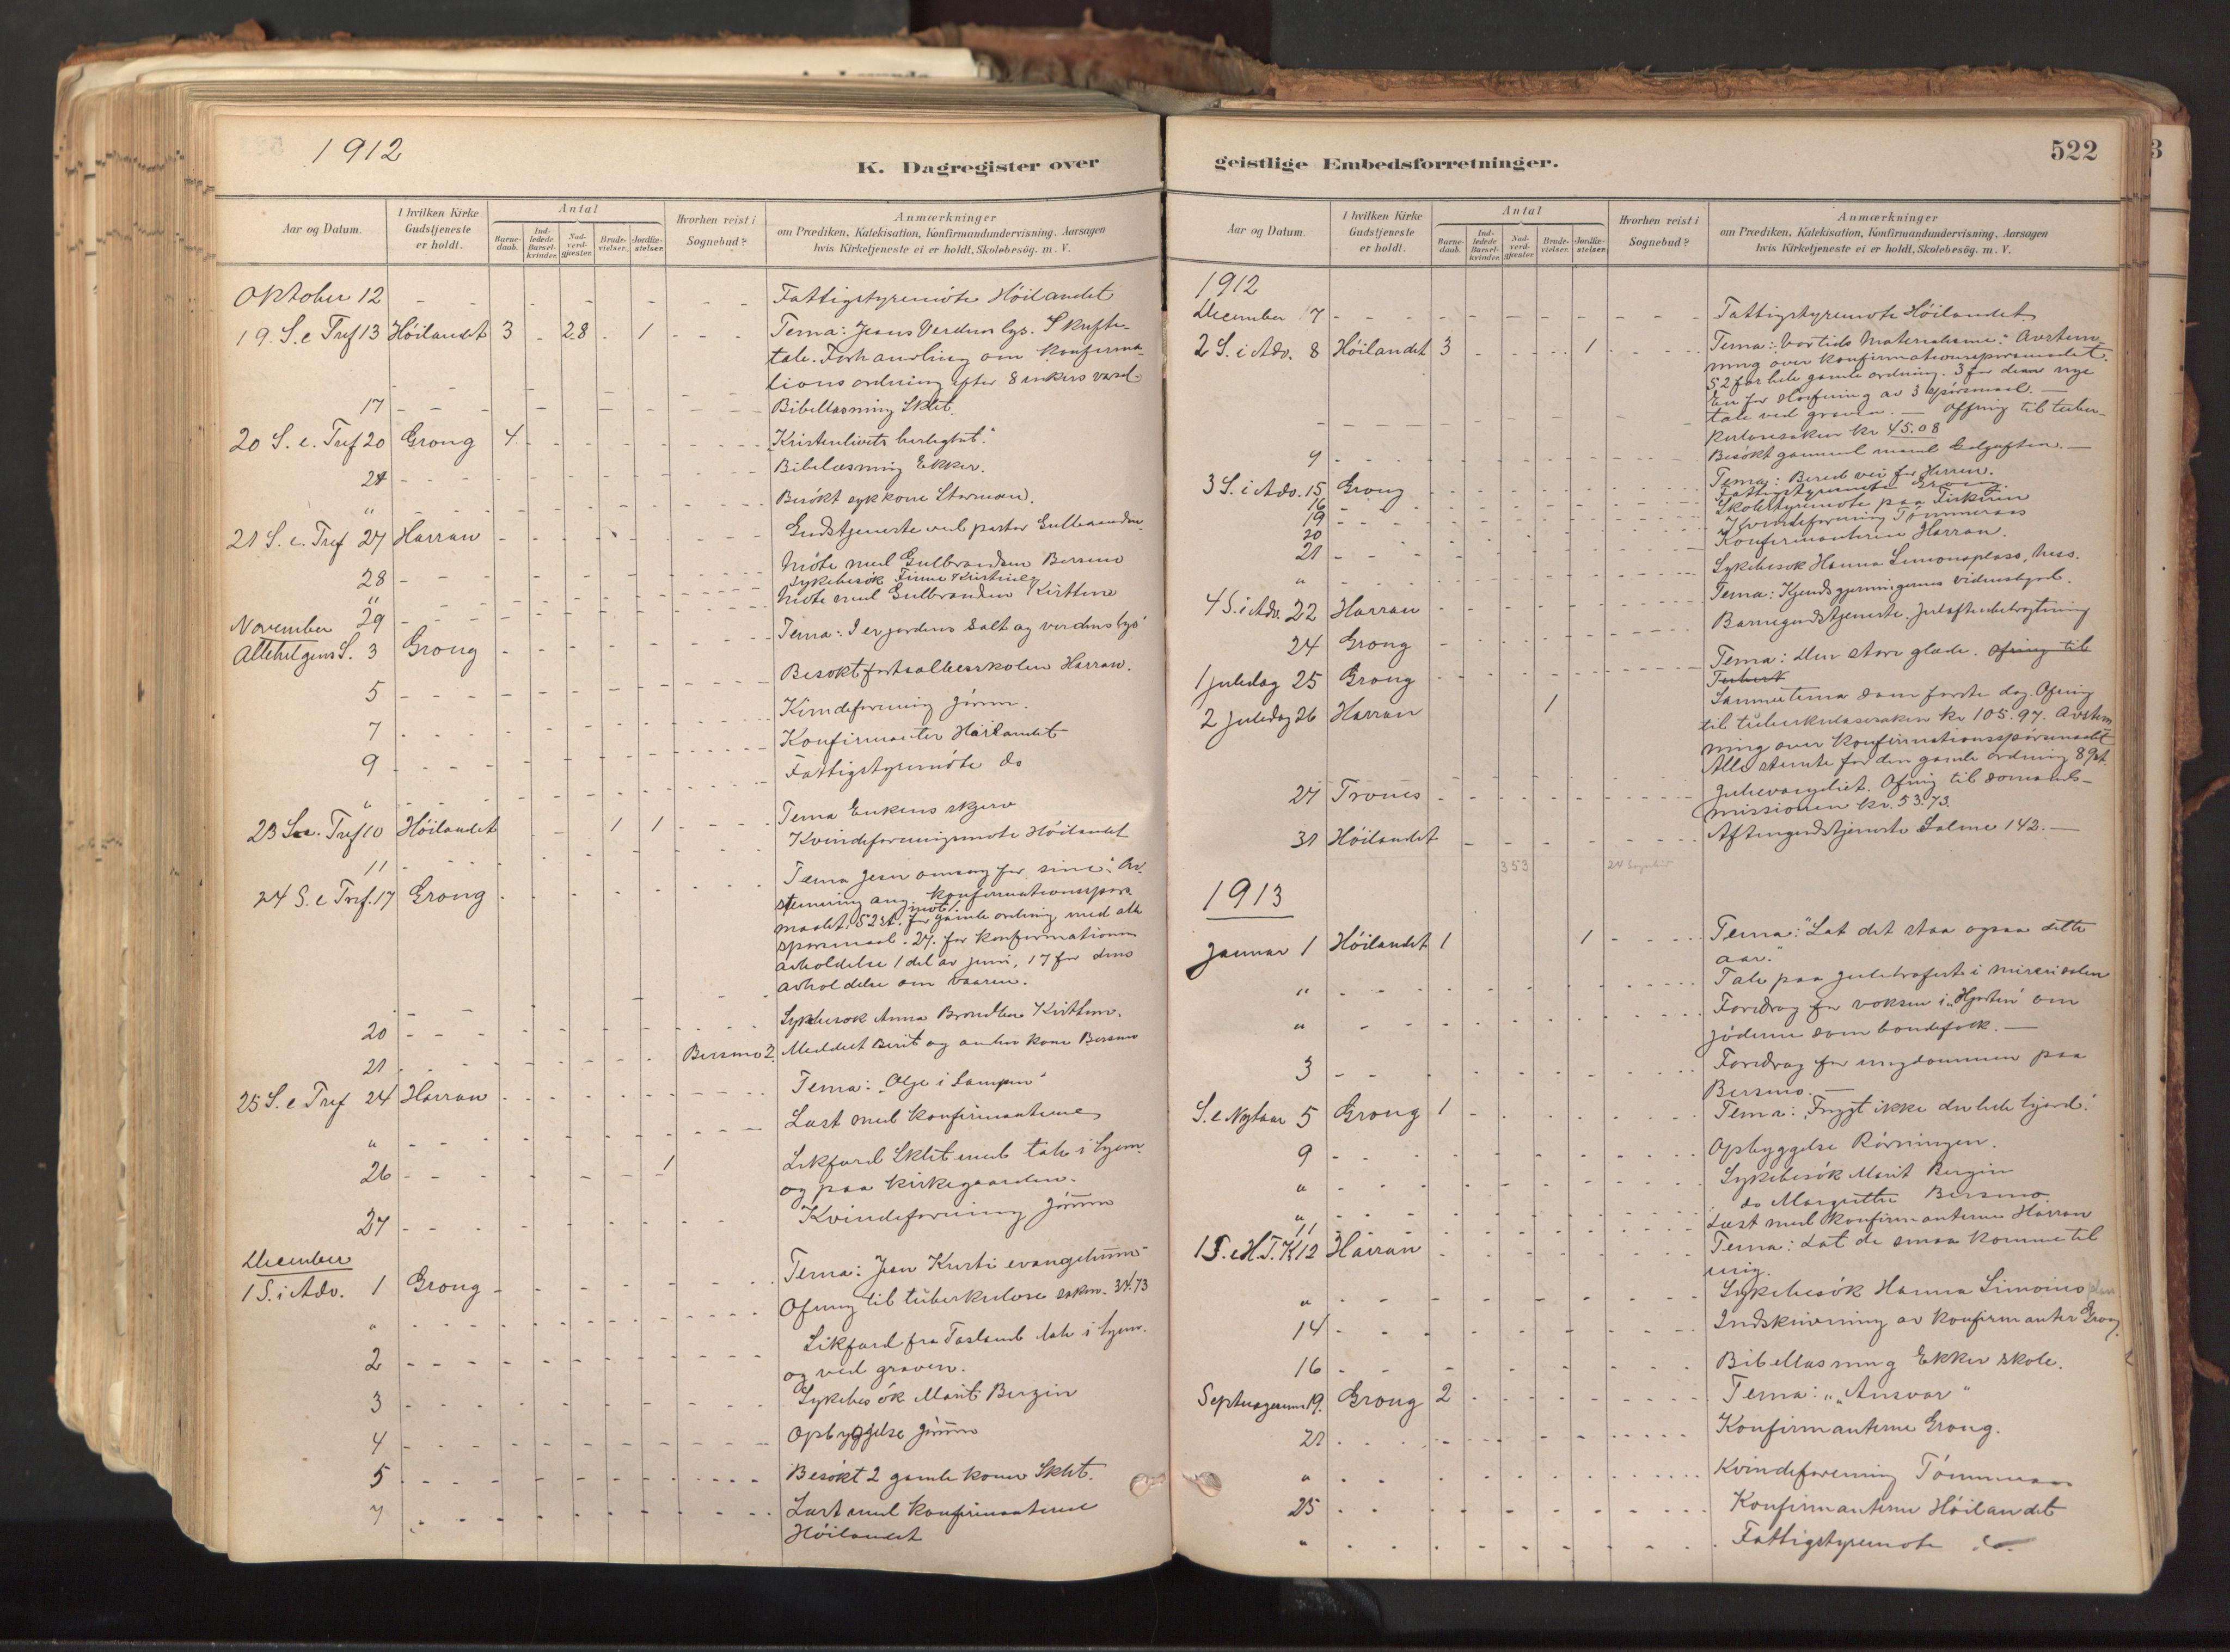 SAT, Ministerialprotokoller, klokkerbøker og fødselsregistre - Nord-Trøndelag, 758/L0519: Ministerialbok nr. 758A04, 1880-1926, s. 522